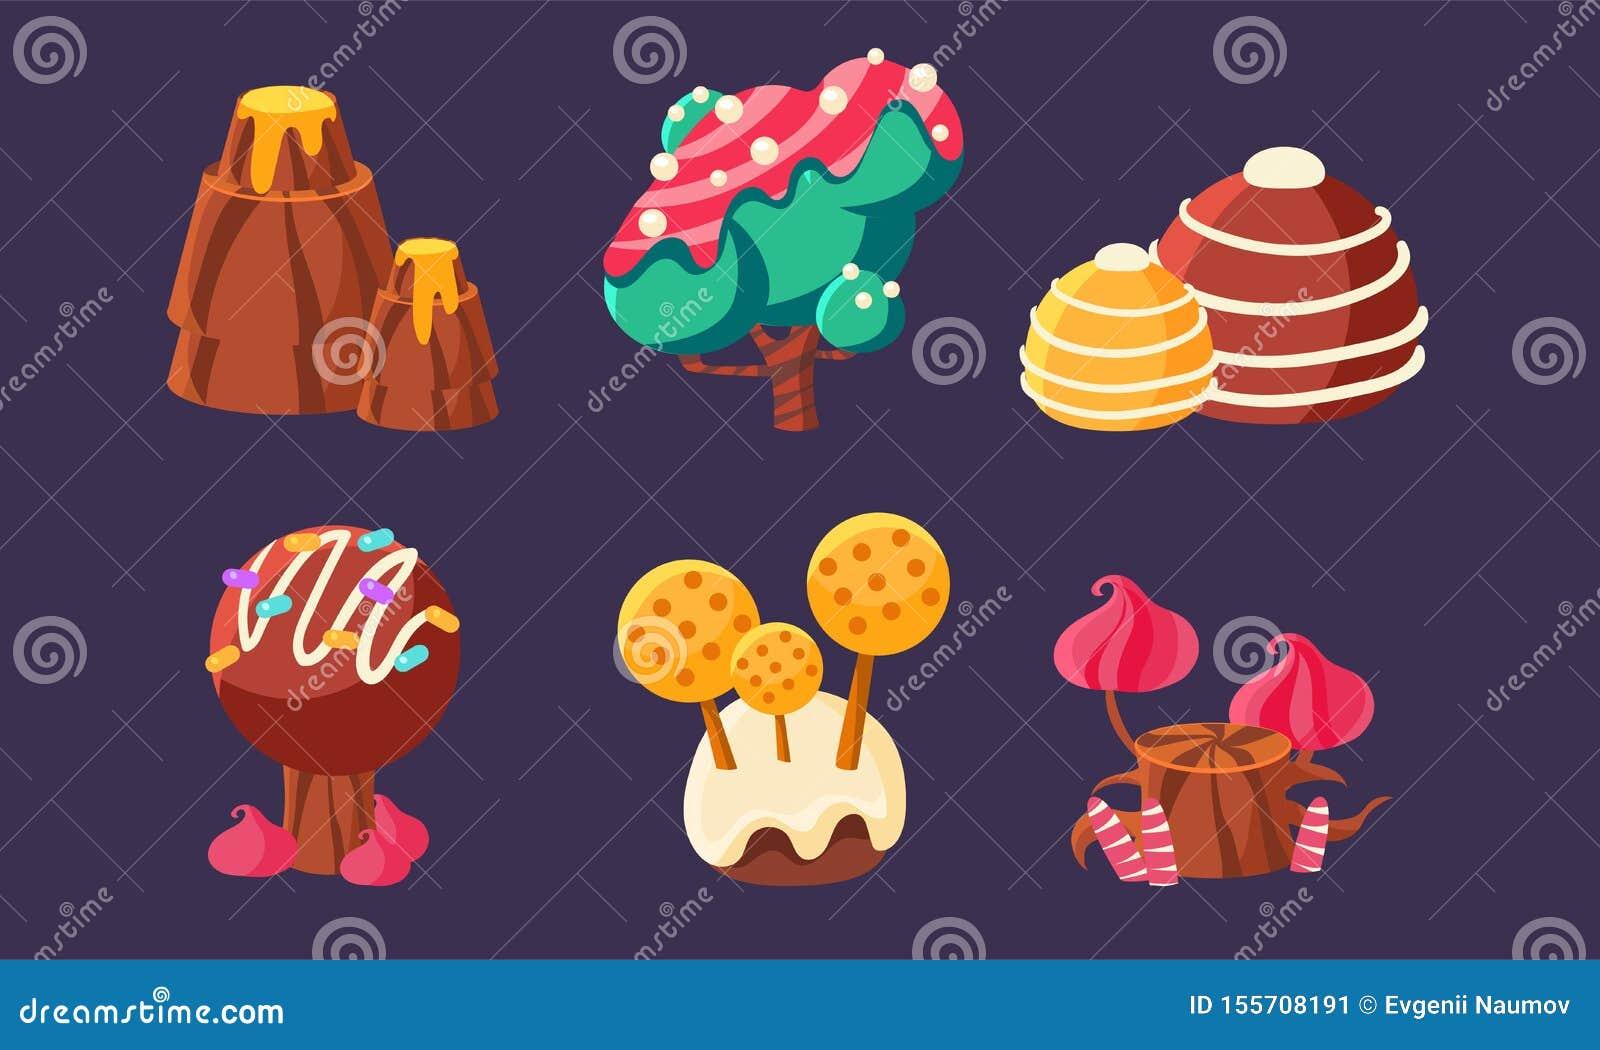 Los árboles dulces lindos del caramelo, montaña, setas fijaron, los elementos del paisaje de la fantasía para el móvil o interfaz